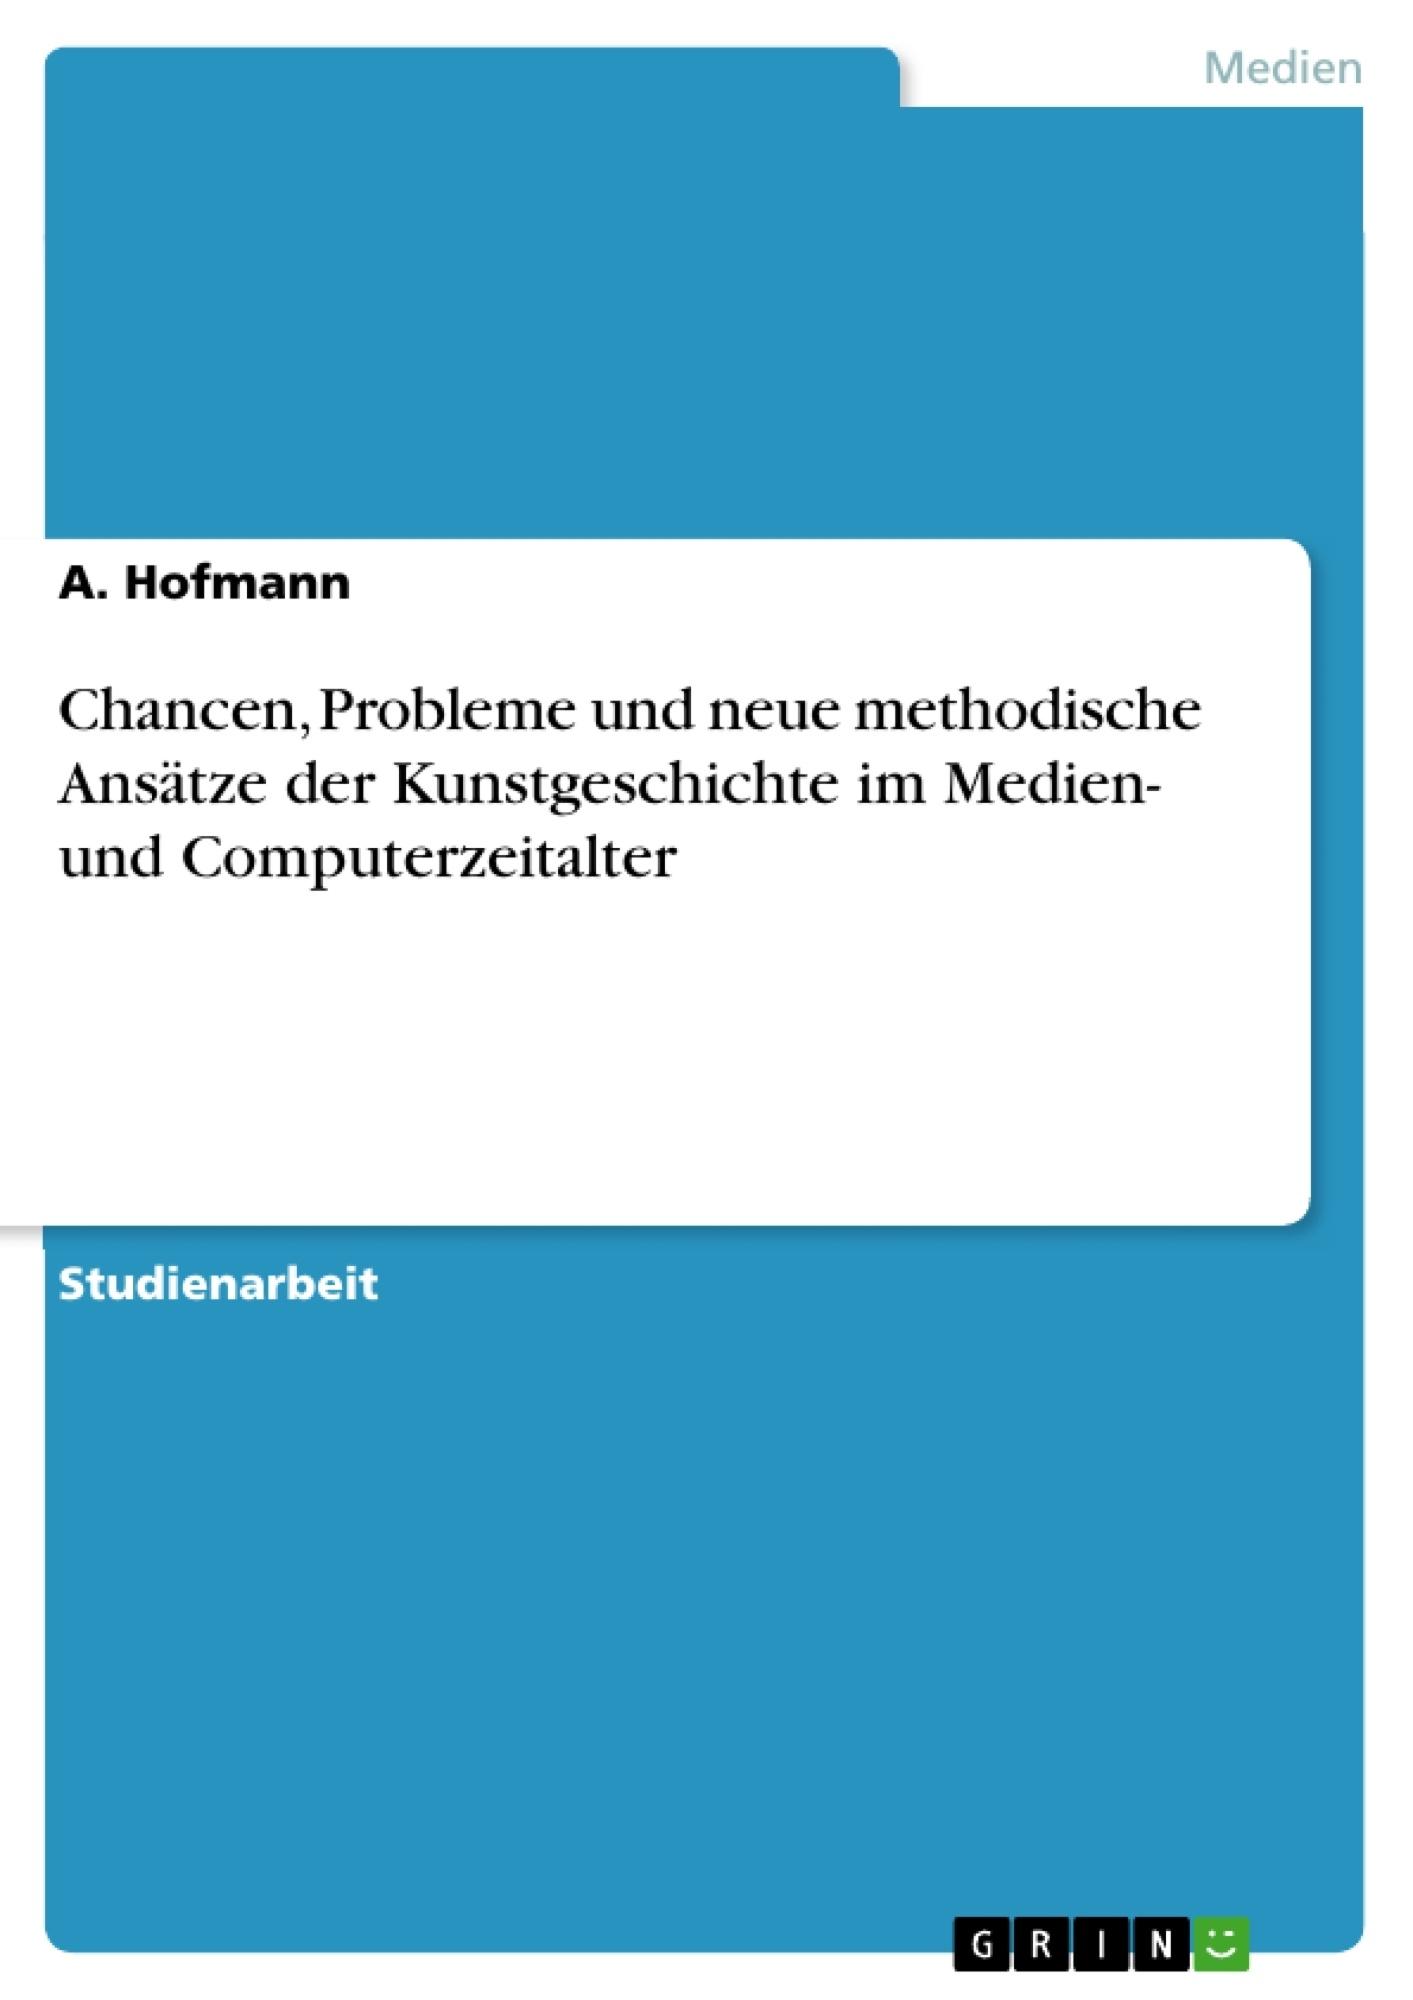 Titel: Chancen, Probleme und neue methodische Ansätze der Kunstgeschichte im Medien- und Computerzeitalter